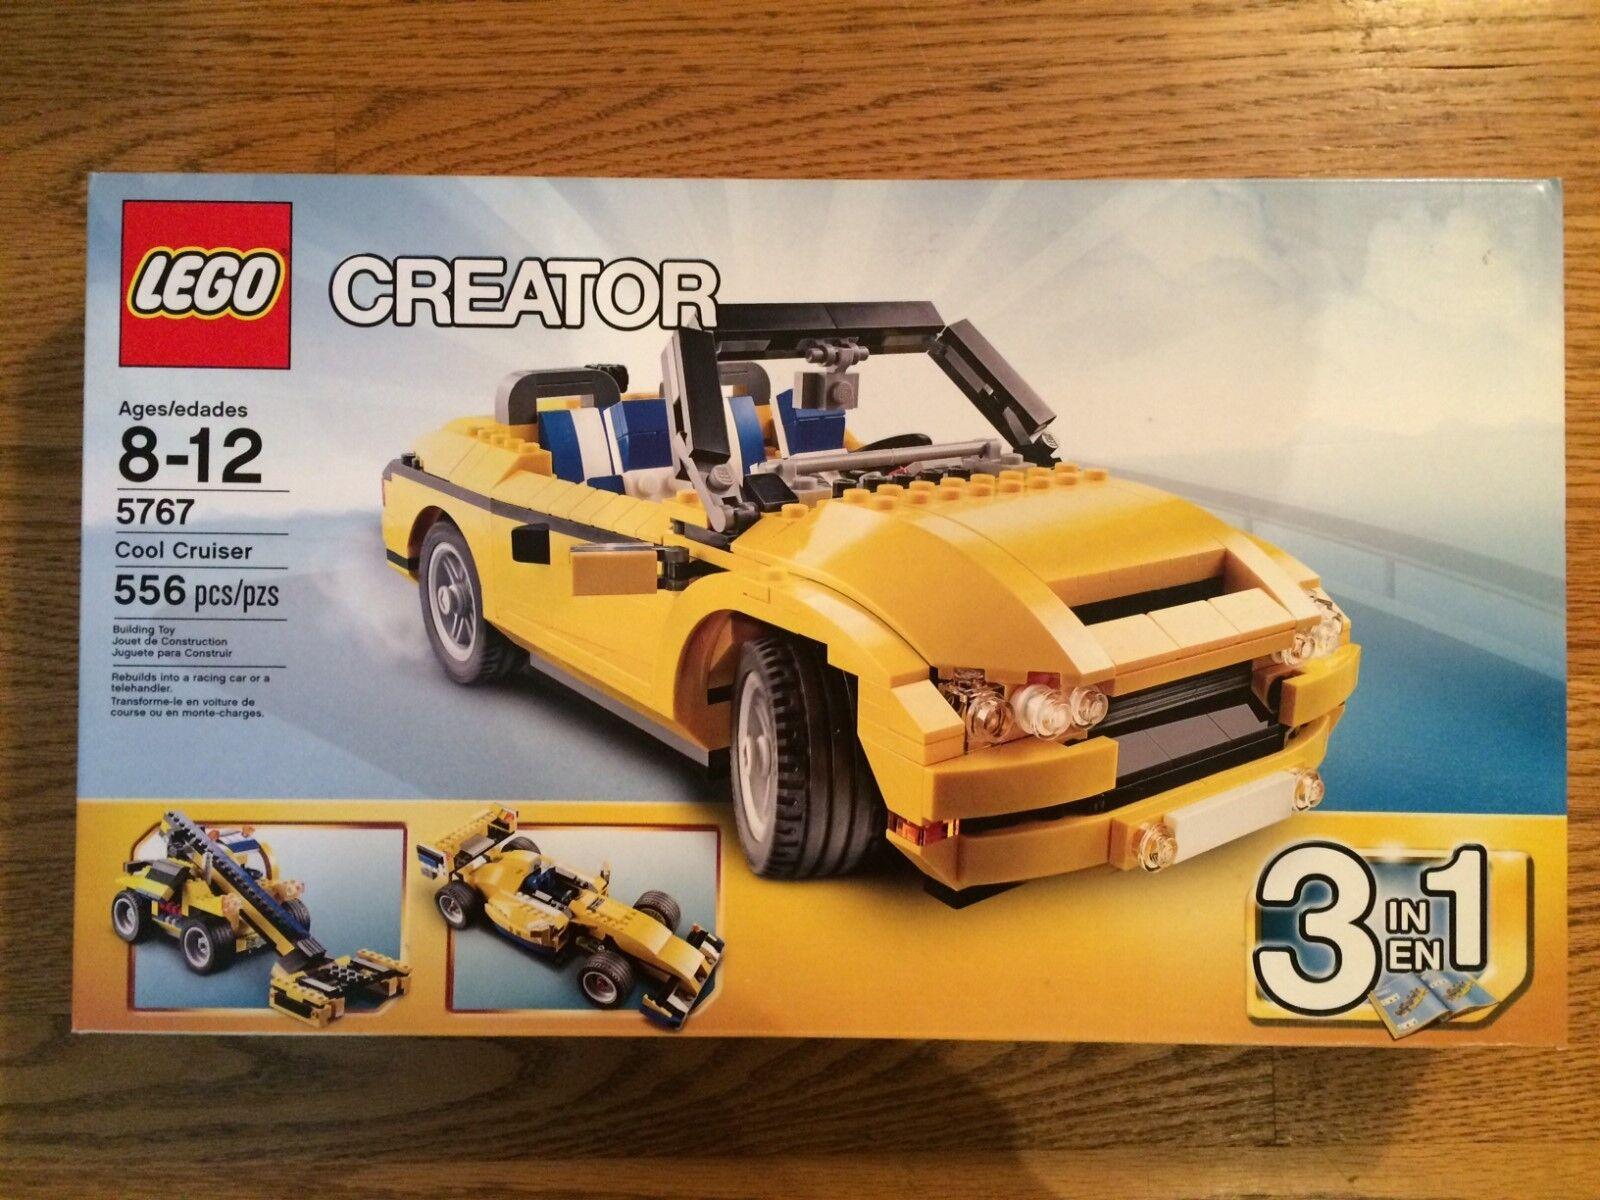 LEGO 5767  Cool Cruiser auto from Creator series. nuovo in scatola   garanzia di qualità